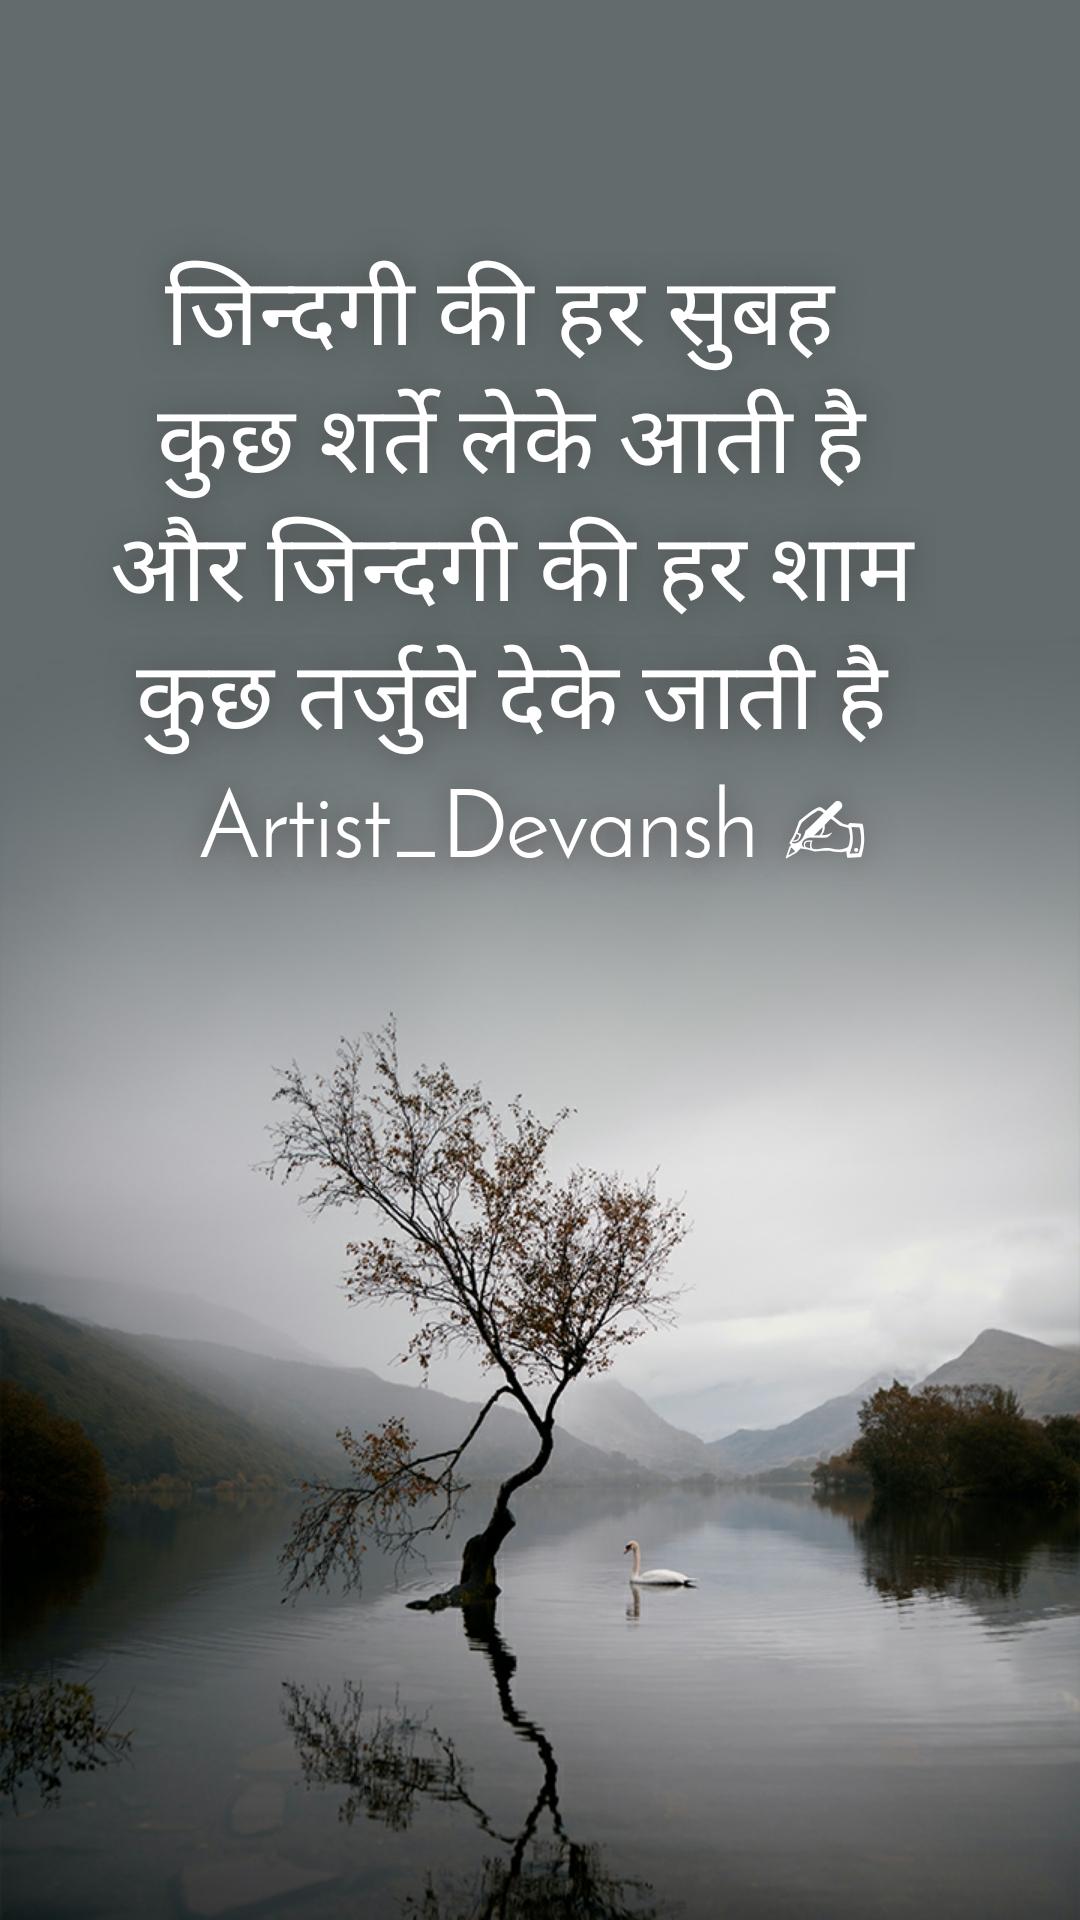 जिन्दगी की हर सुबह           कुछ शर्ते लेके आती है           और जिन्दगी की हर शाम           कुछ तर्जुबे देके जाती है             Artist_Devansh ✍